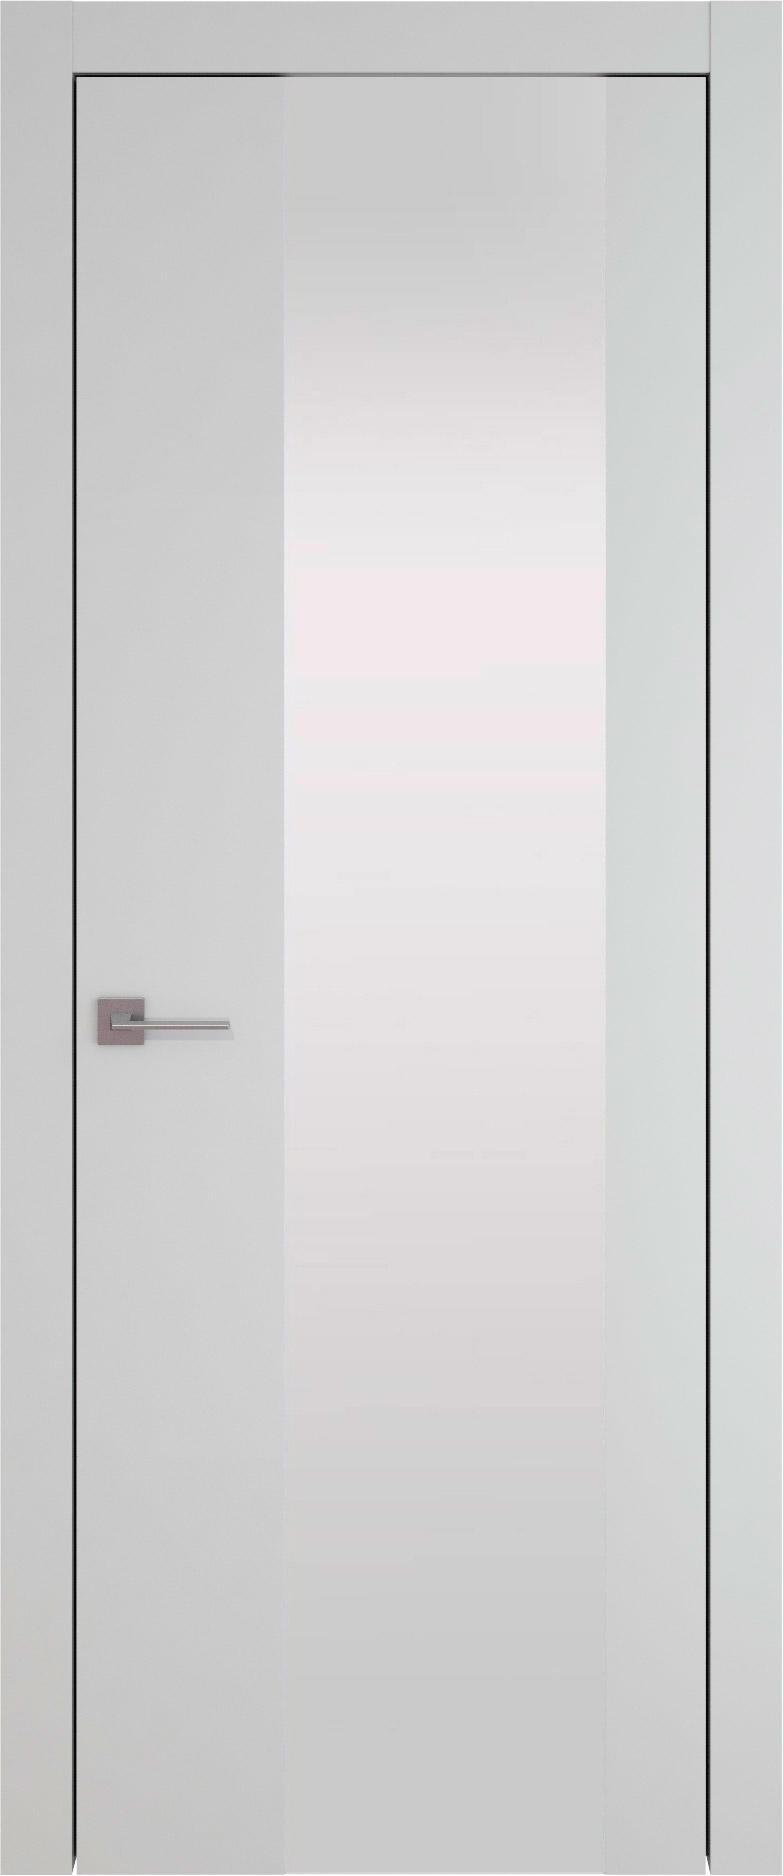 Tivoli Е-1 цвет - Серая эмаль (RAL 7047) Со стеклом (ДО)